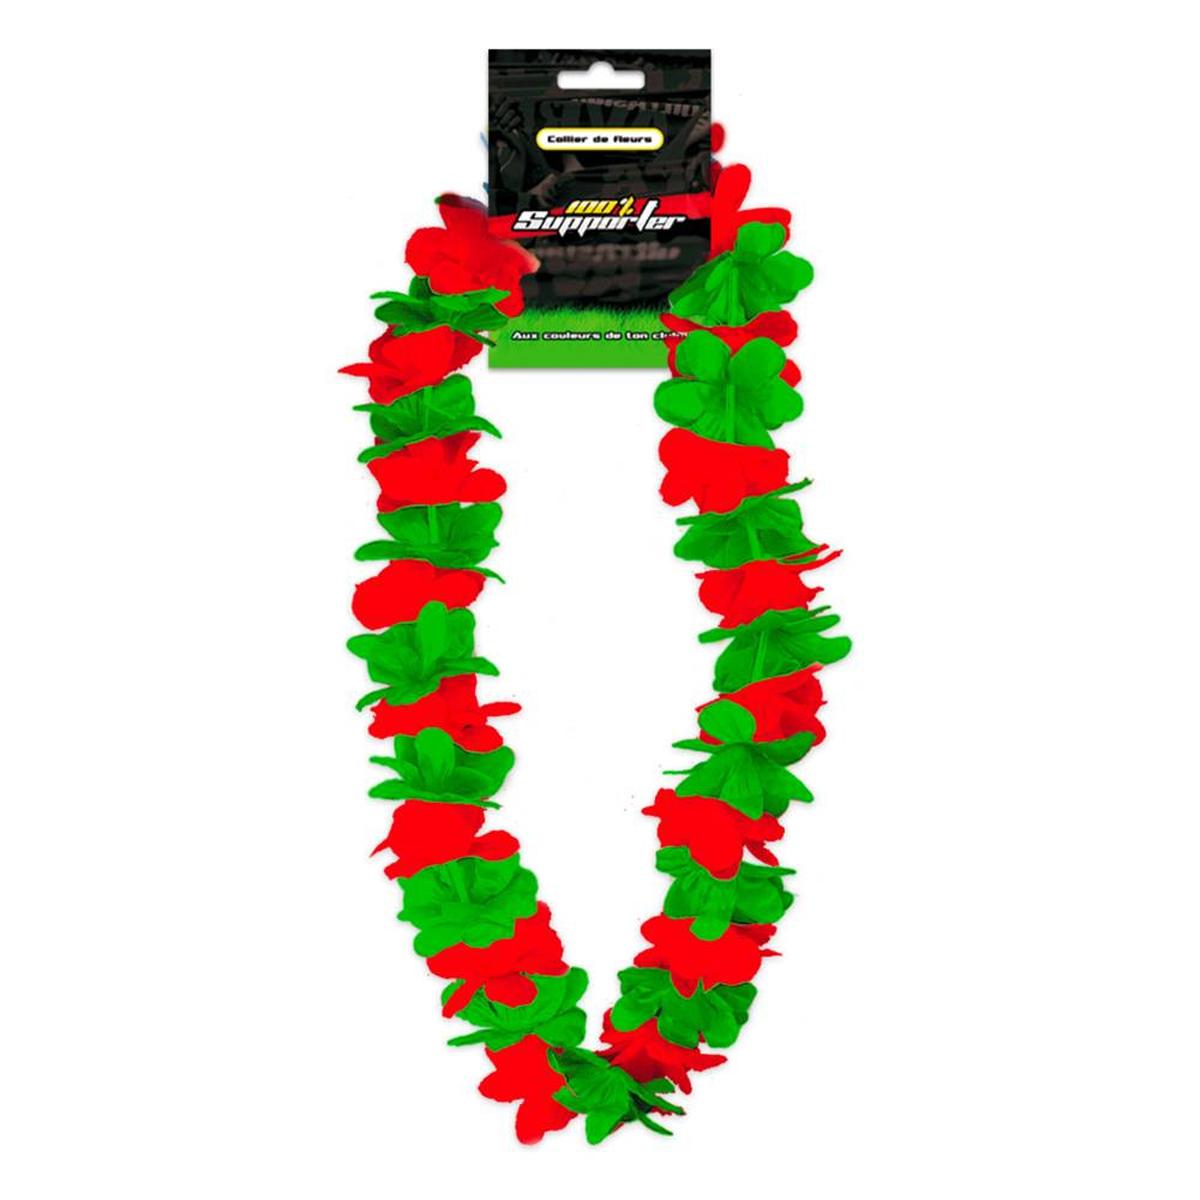 Collier de fleurs \'Coloriage\' vert  rouge (supporter) - 50 cm - [Q7176]